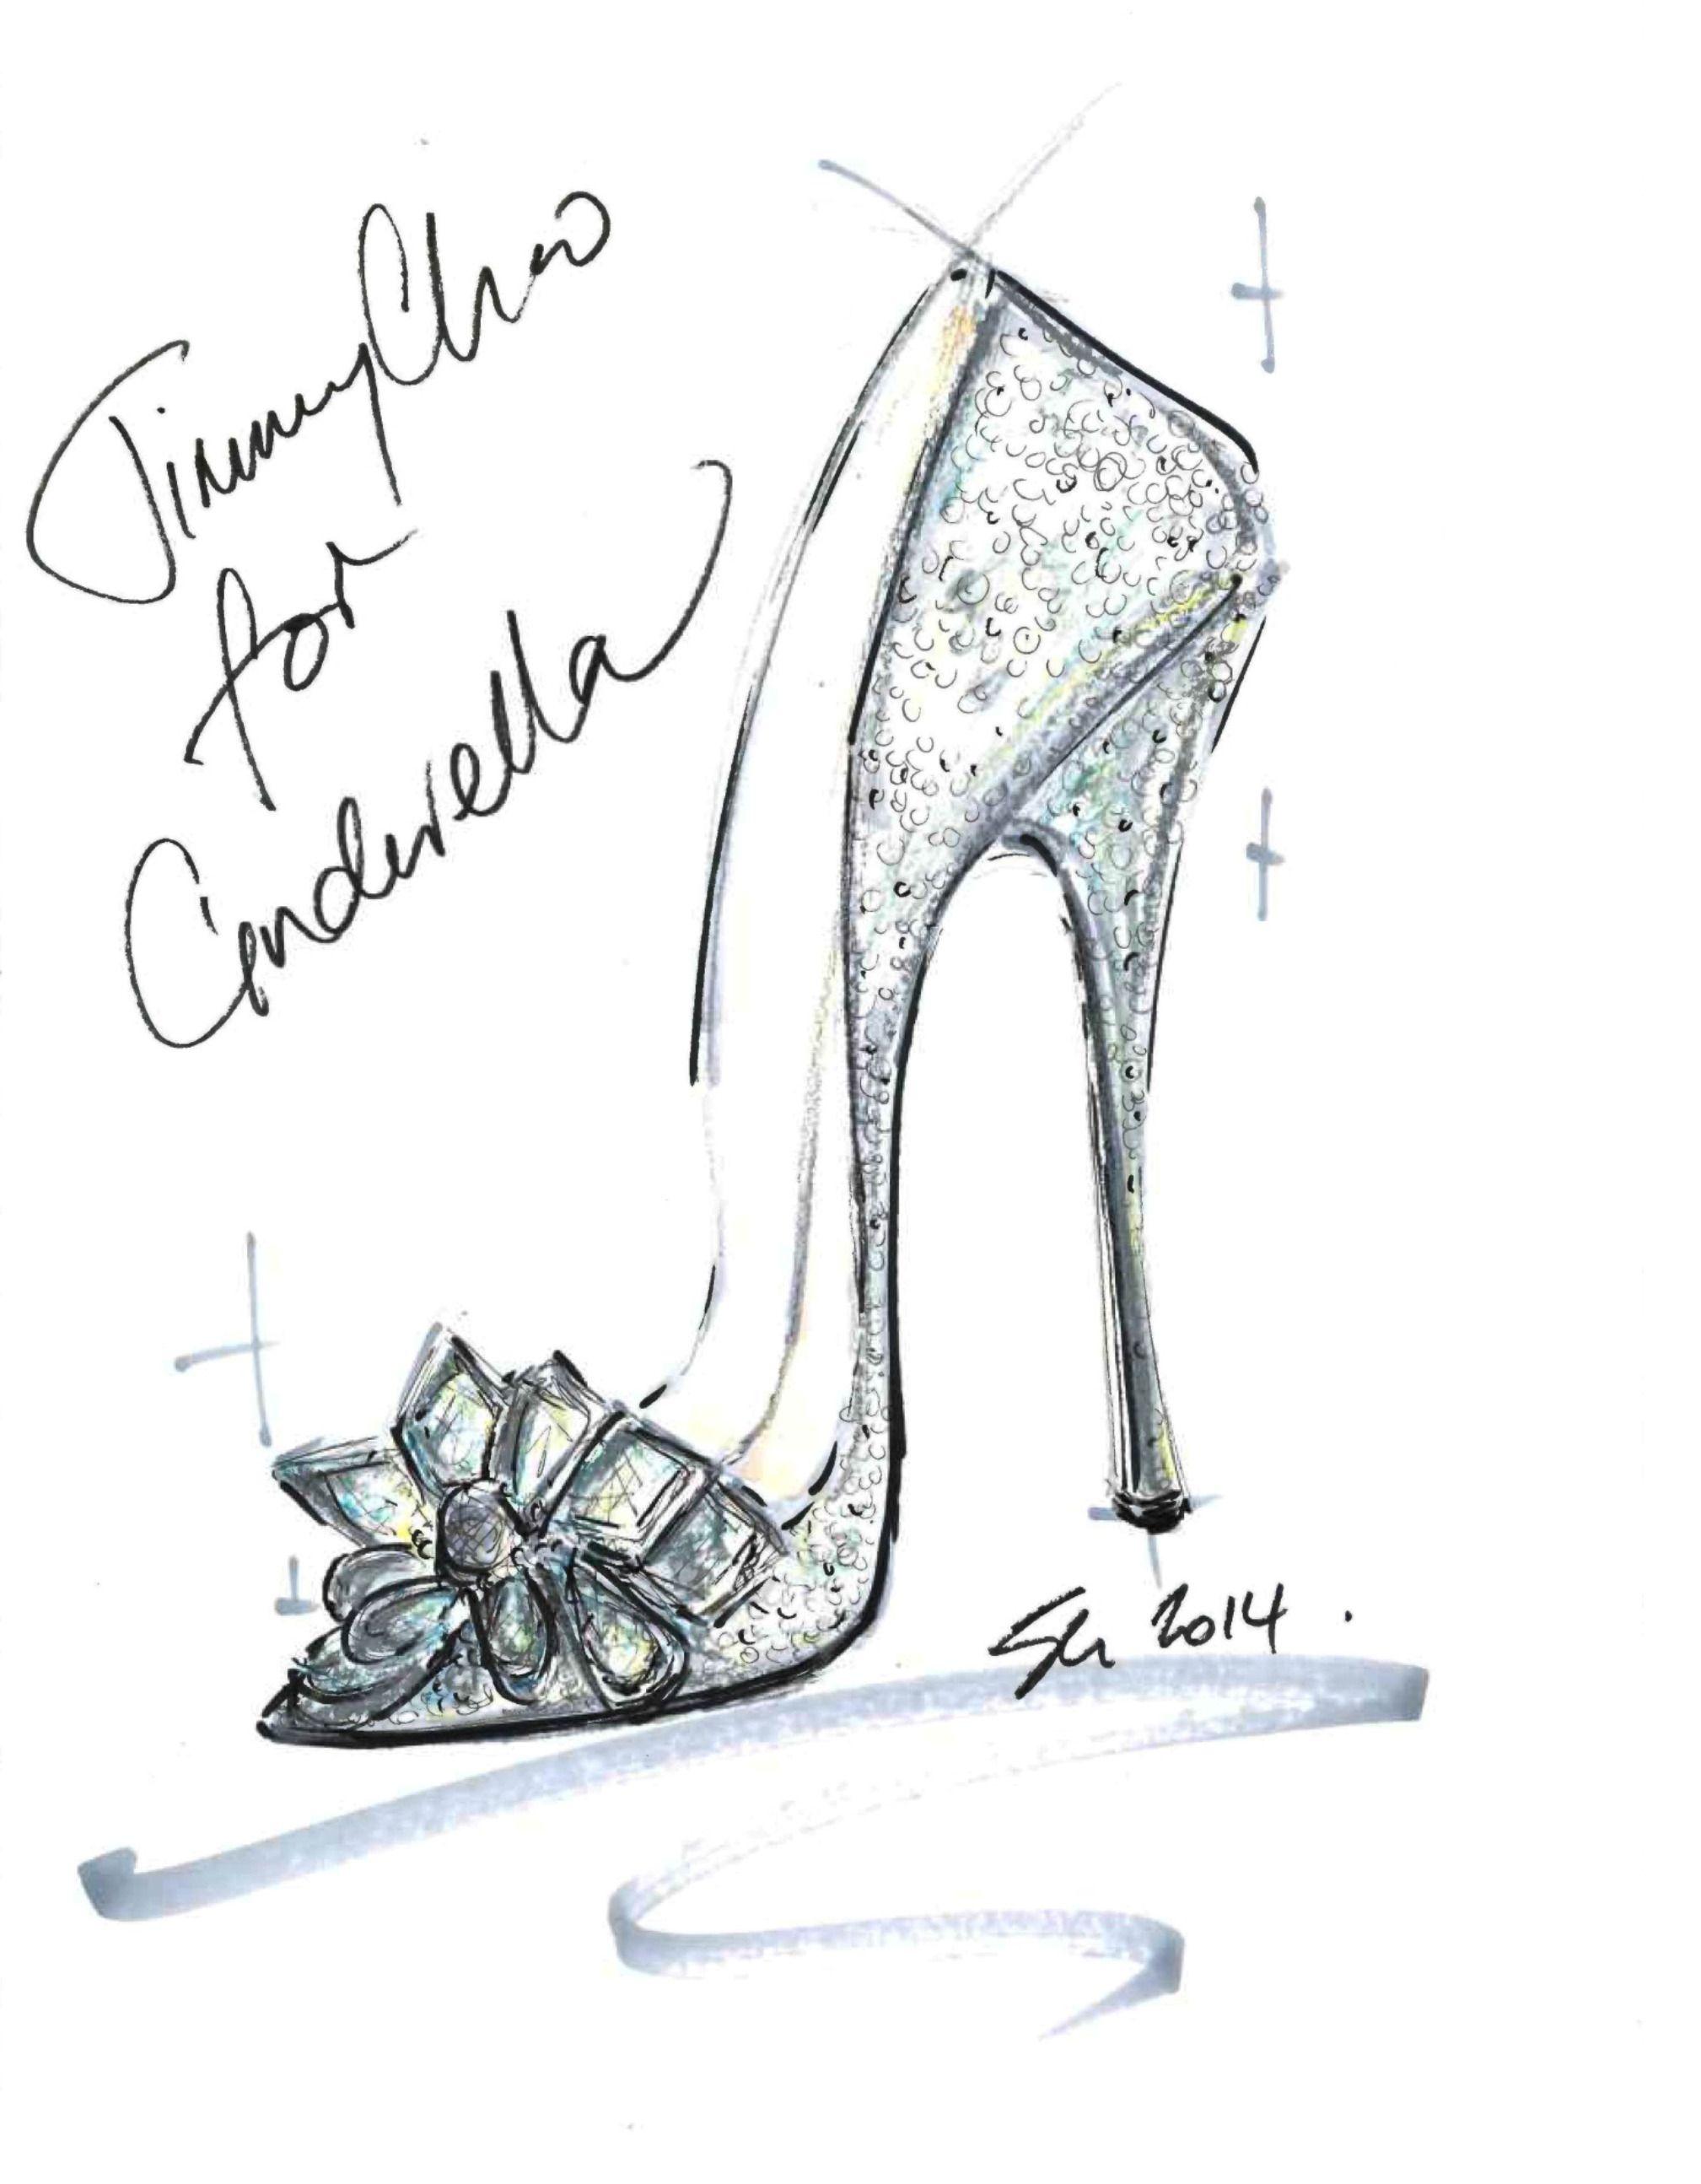 実写版シンデレラガラスの靴を世界的ブランド9社が再現